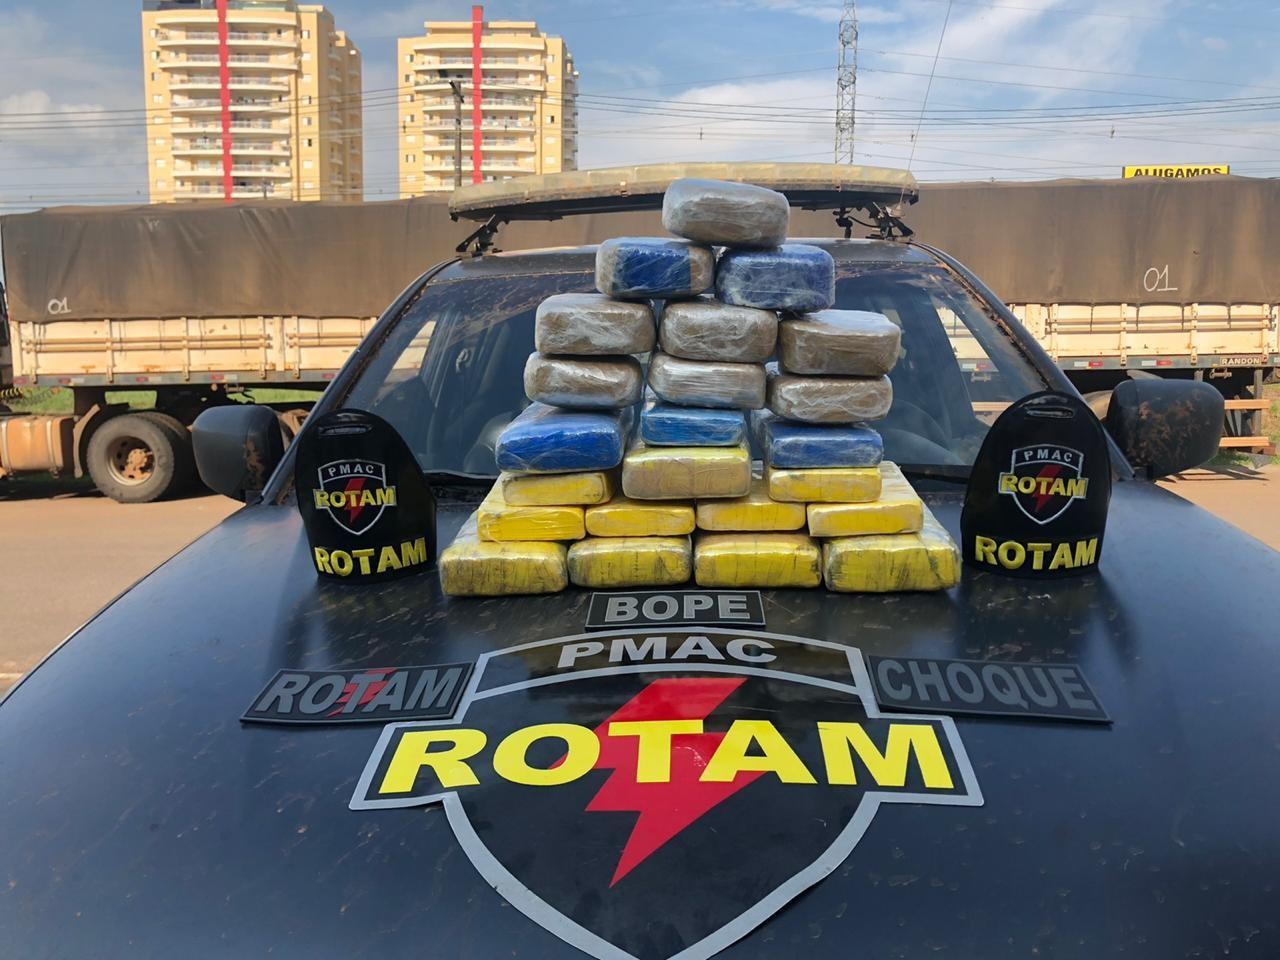 Polícia apreende quase 25 quilos de droga após perseguição a motorista em Rio Branco